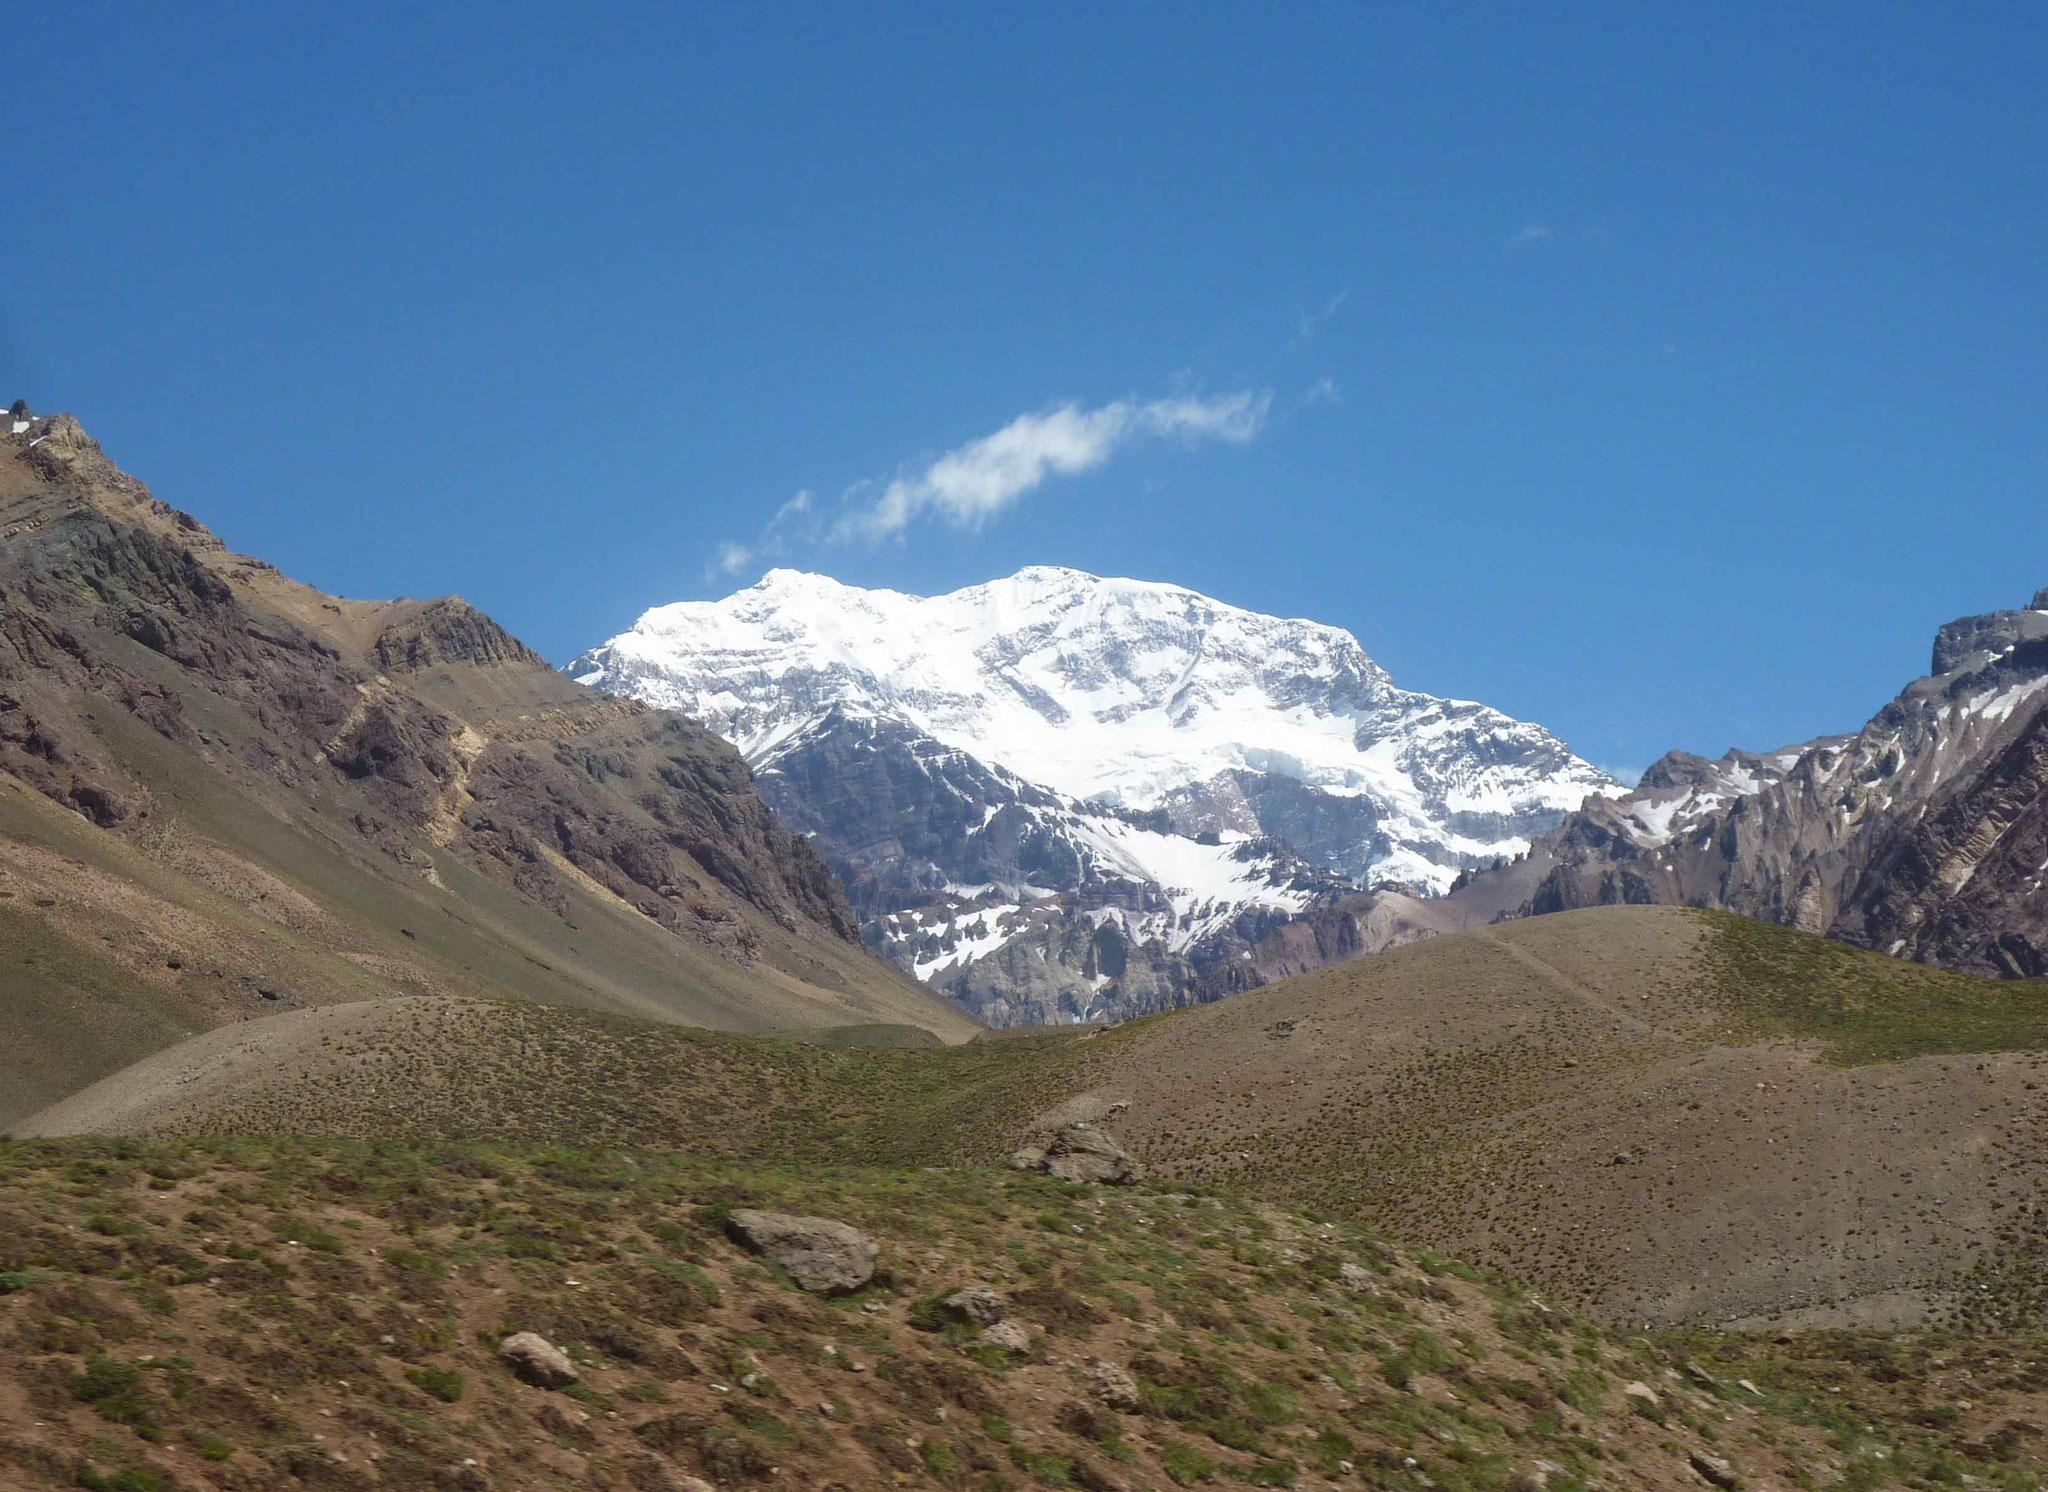 Cliché incontournable du plus haut sommet des Andes, la face sud de l'Aconcagua (6962 m)